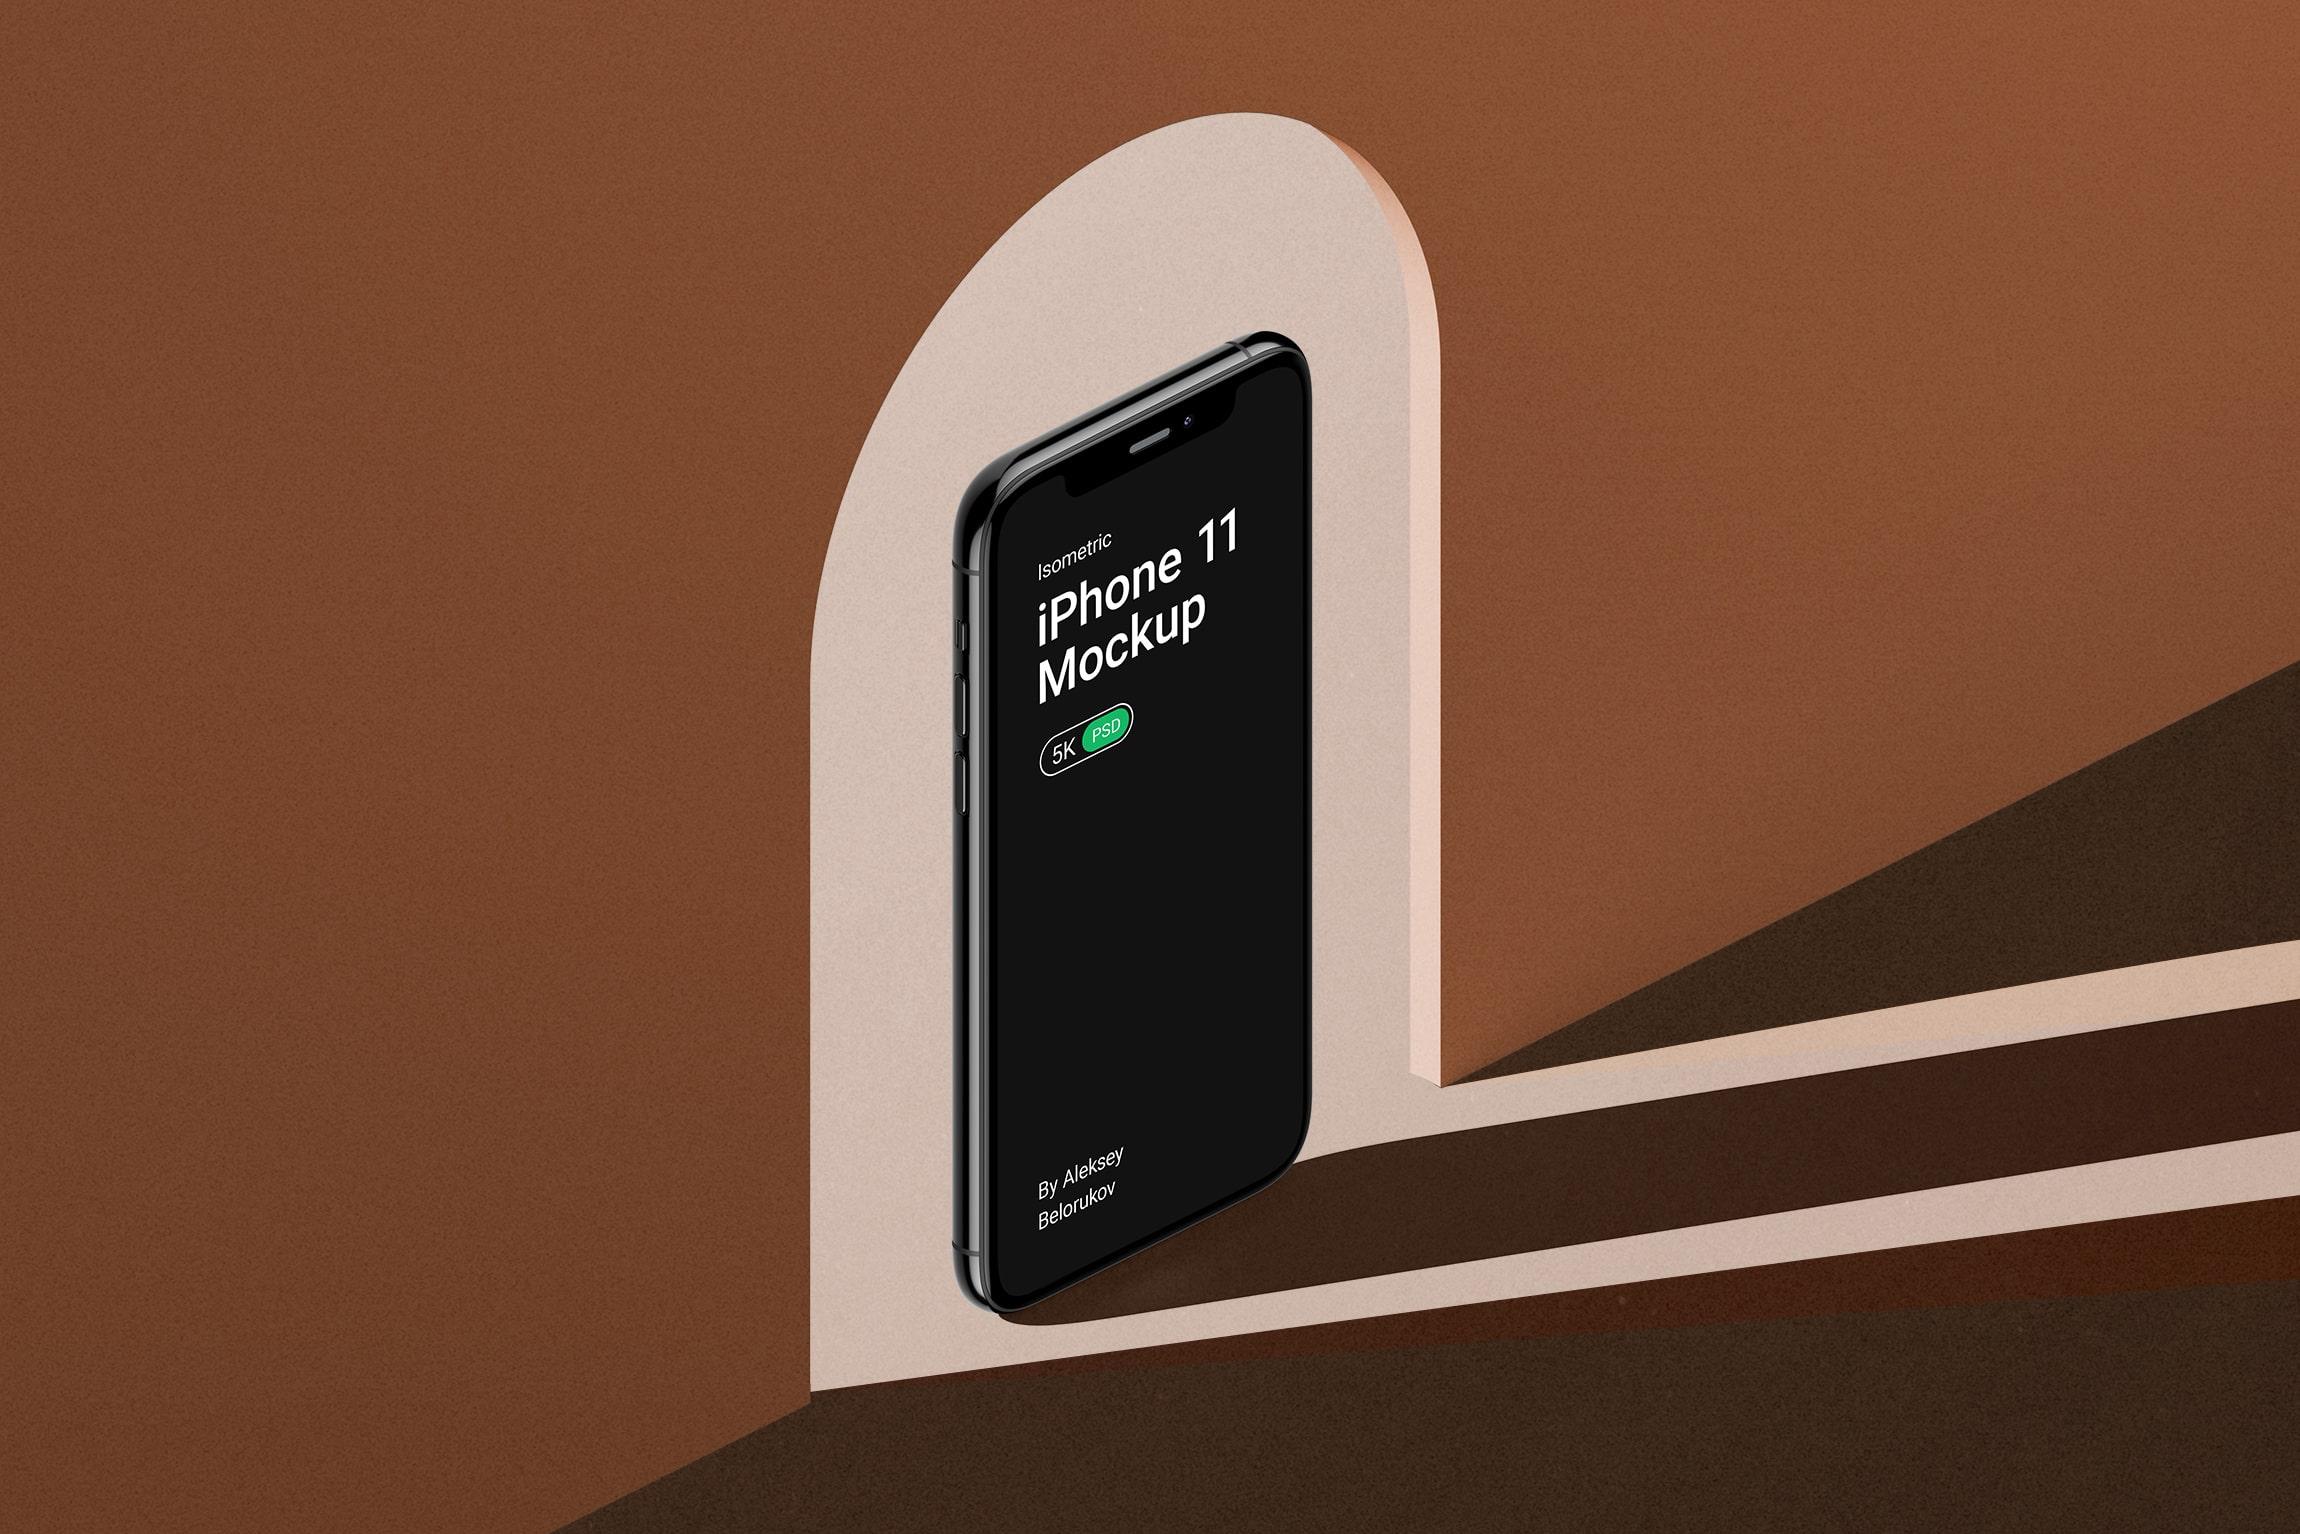 [单独购买] 16款时尚等距APP界面设计苹果设备屏幕演示场景样机模板套装 Device Pack Mockups – Isometric插图13